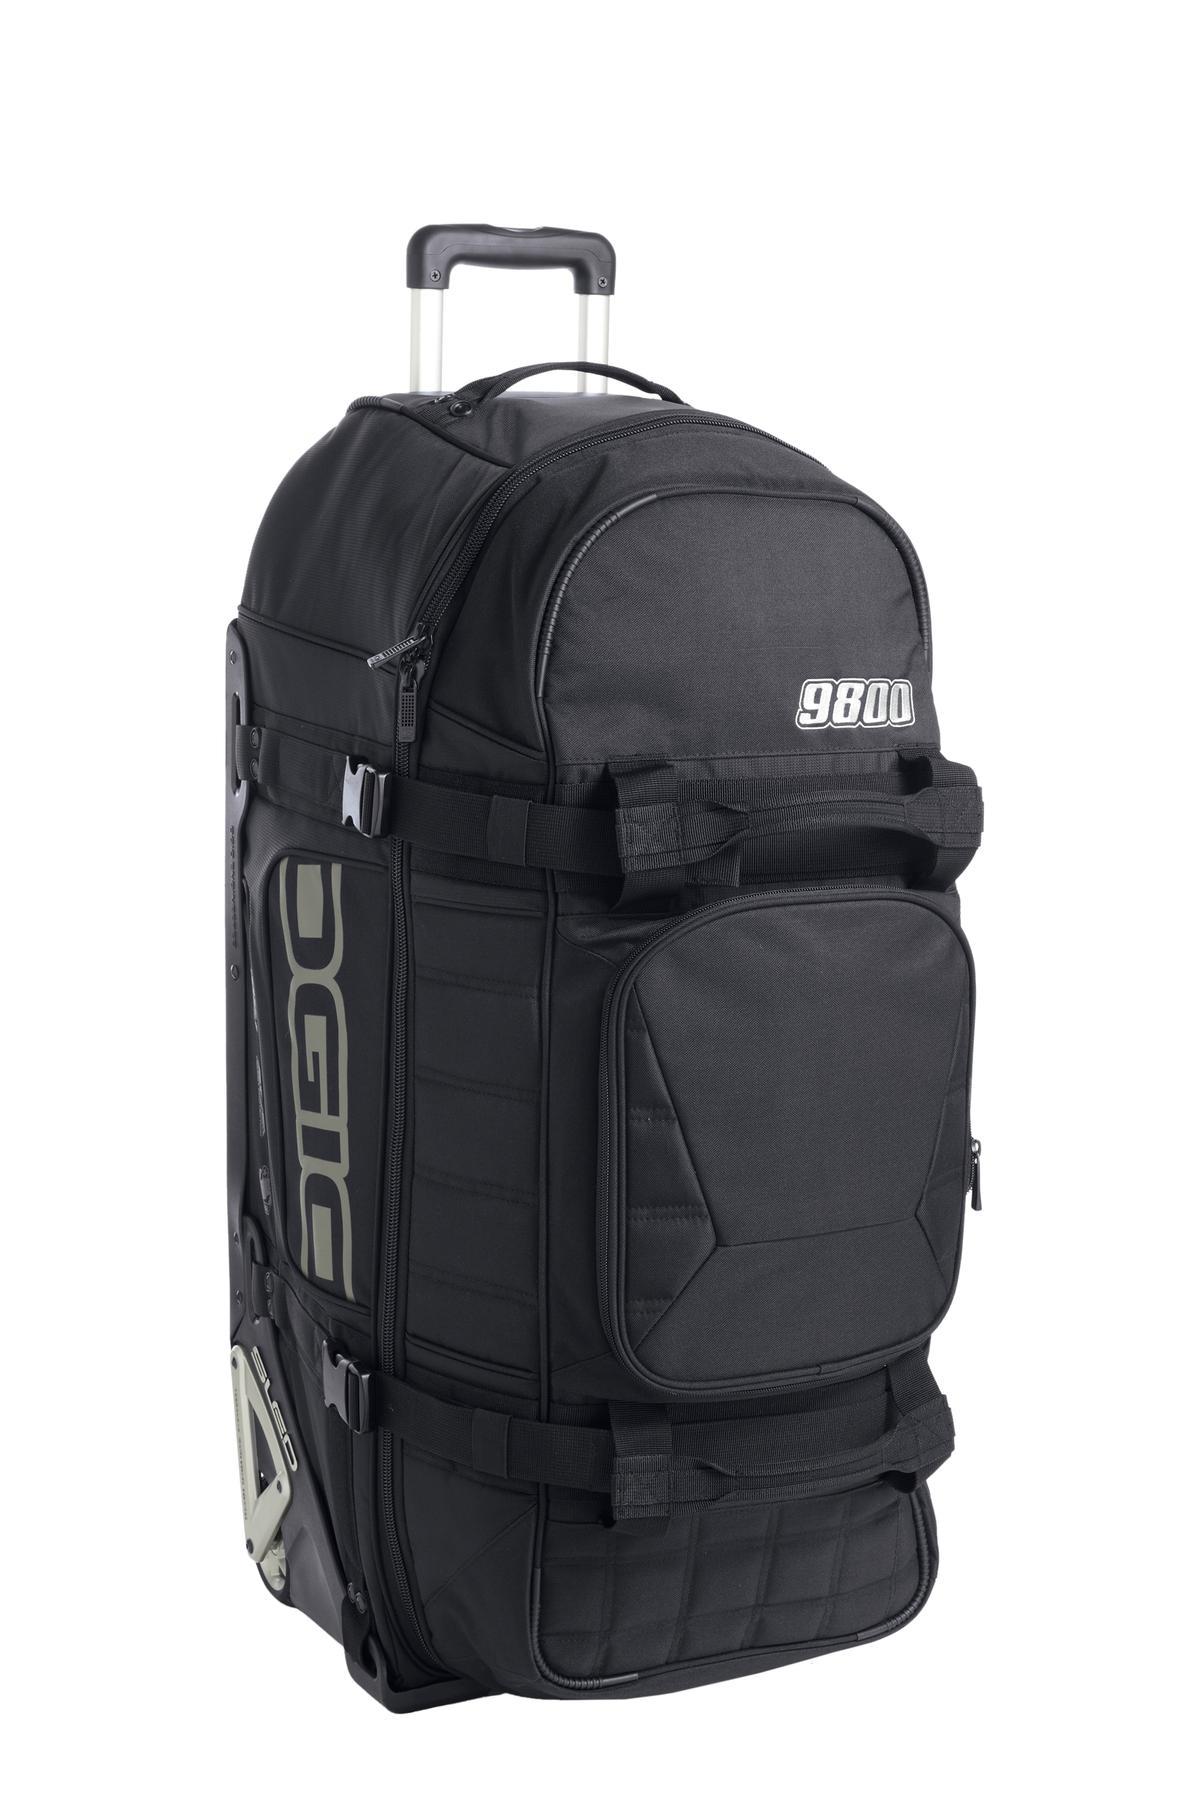 OGIO sup   174   sup  - 9800 Travel Bag e2f0534128